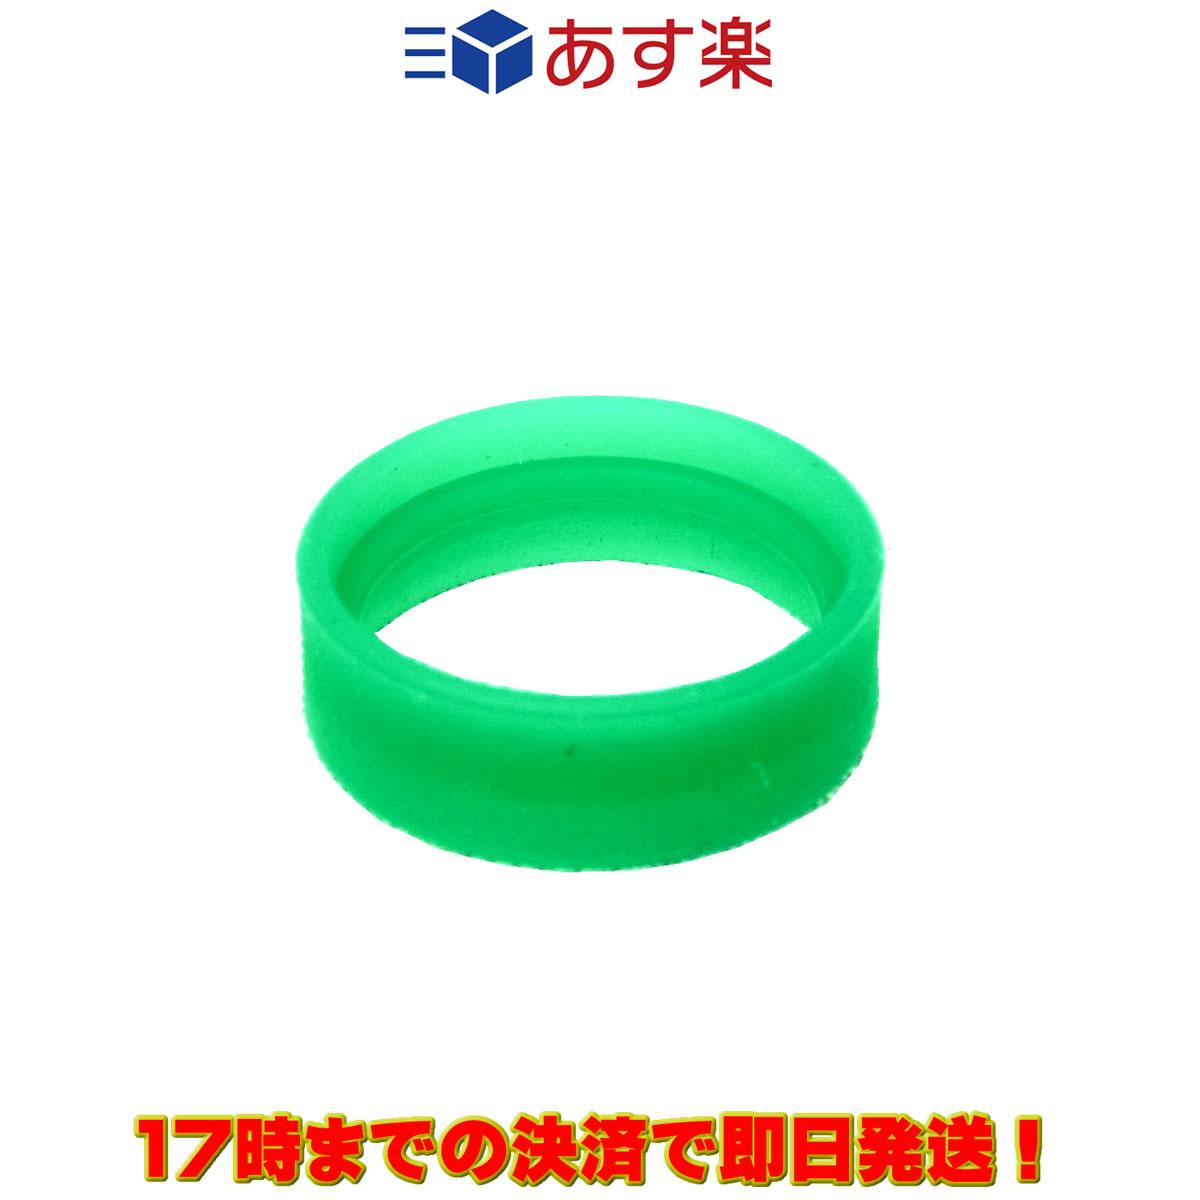 【ラッキーシール対応】 ANTENNA BAND GREEN S8003167 FTH-615/615L/635用 1個